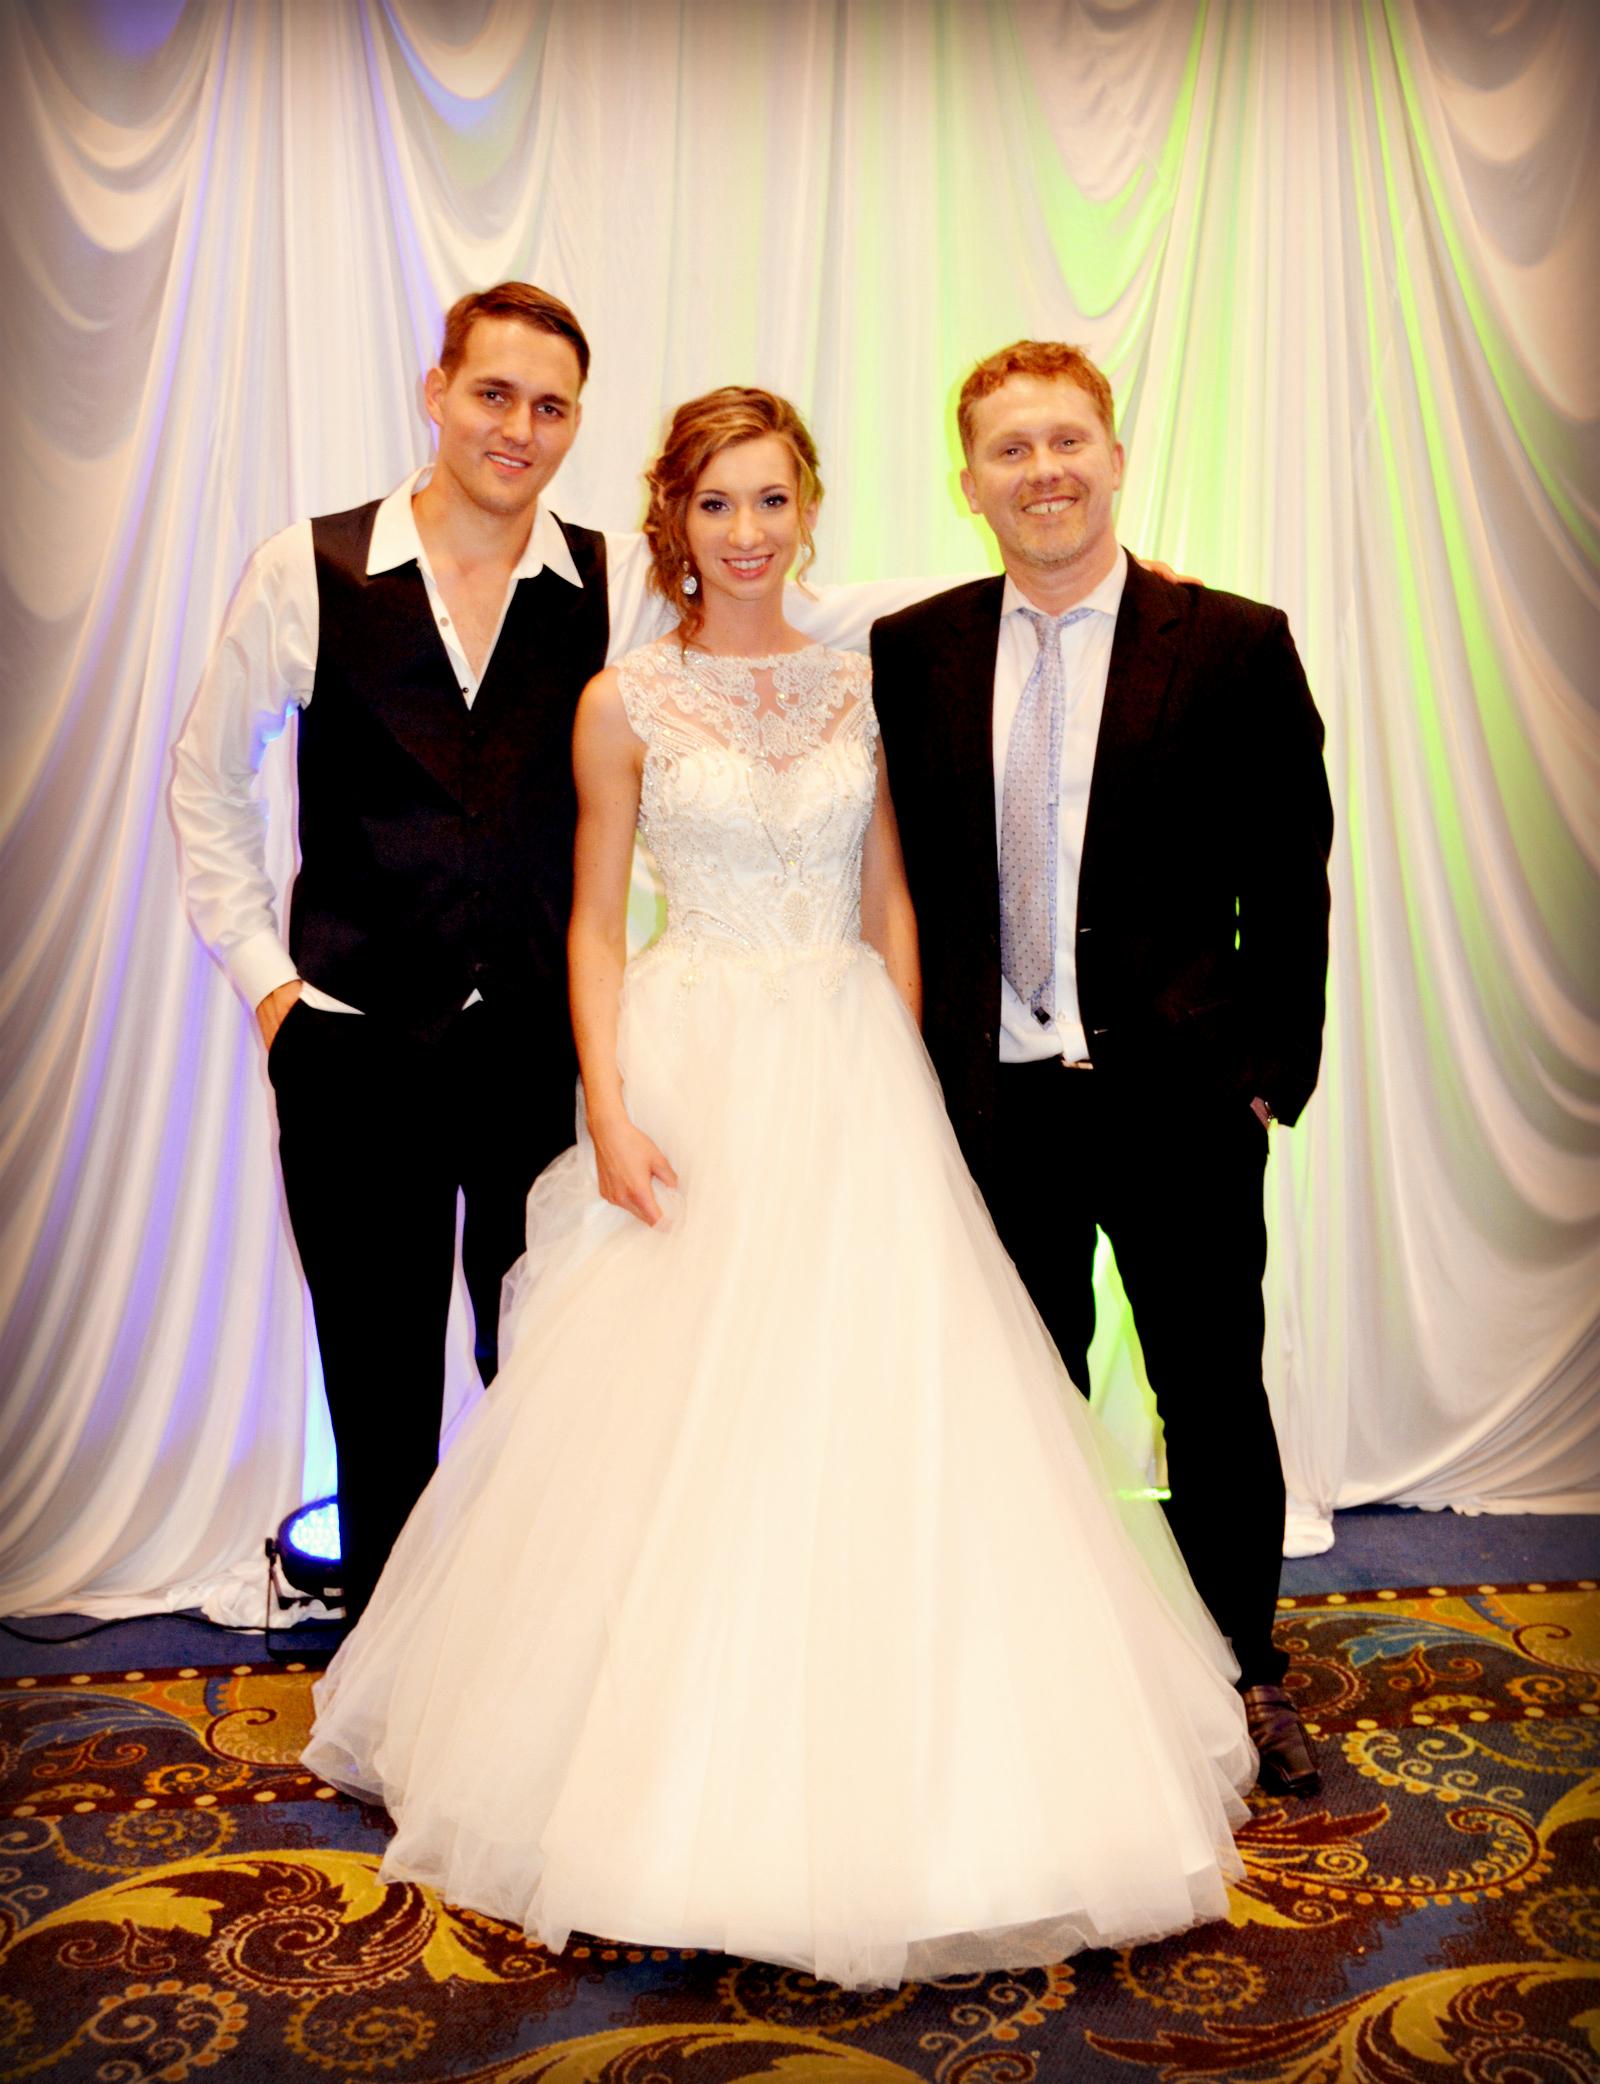 2016.07.16 Klauida & Joseph Homik Wedding Polish American DJ MAJK Polski Dj Chicago Dj na wesele chr